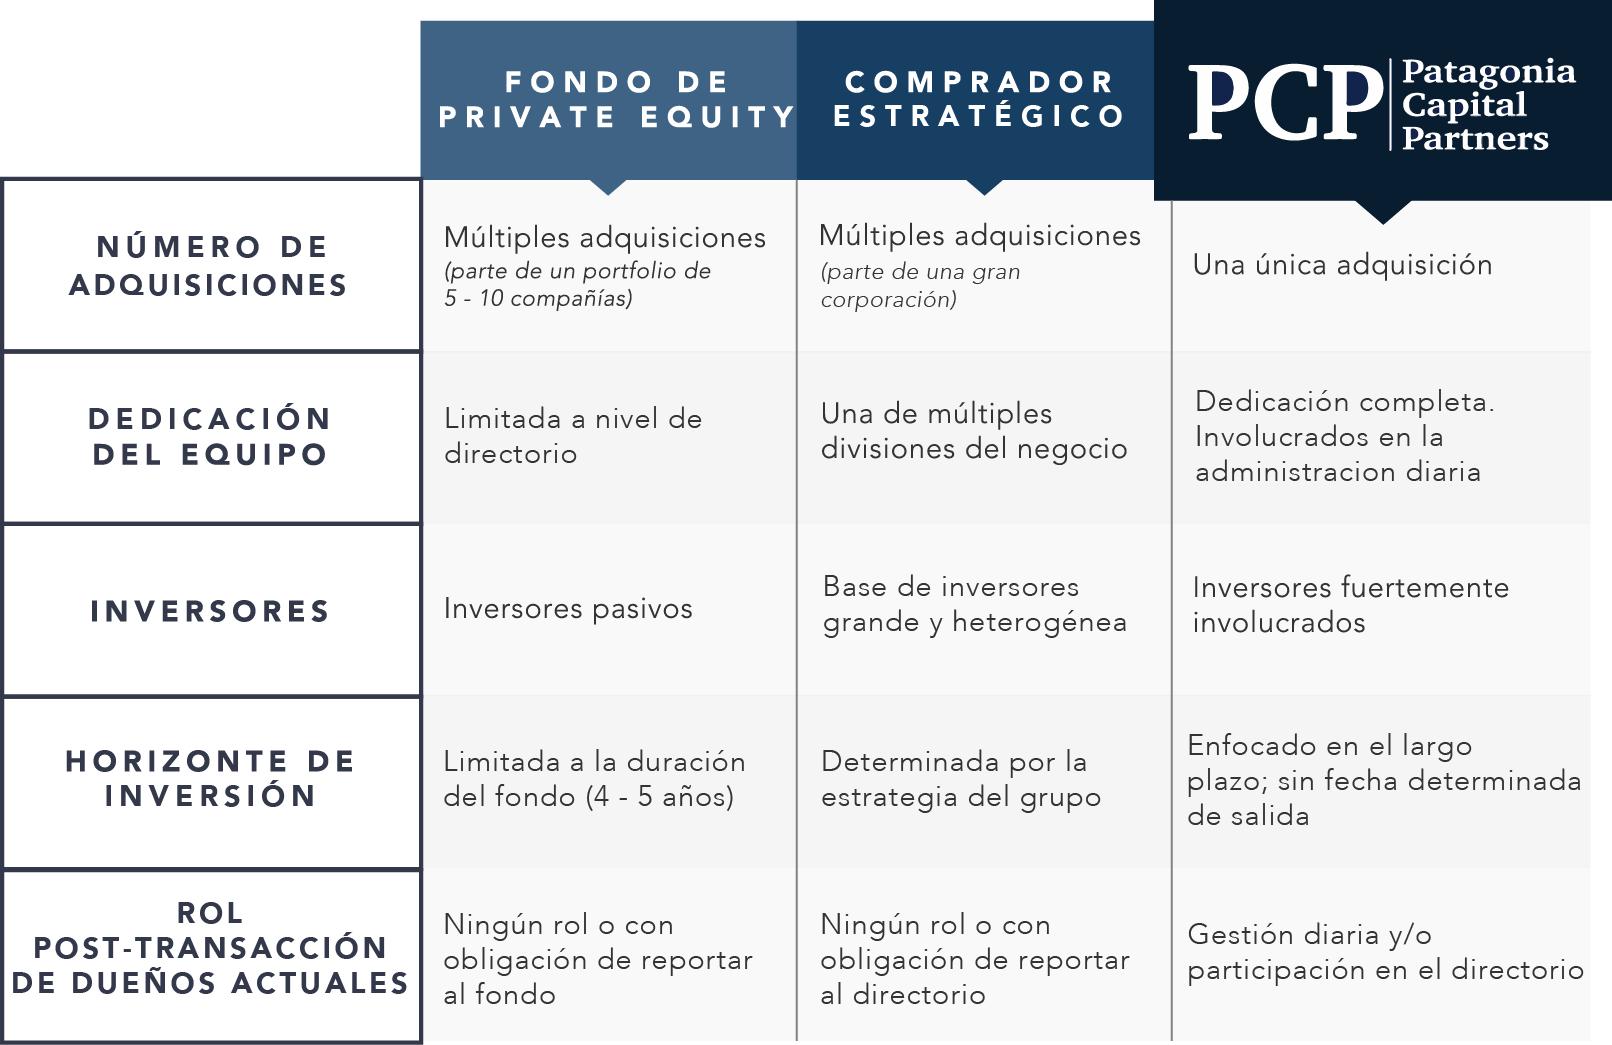 201711 - Cuadro PCP R01.png